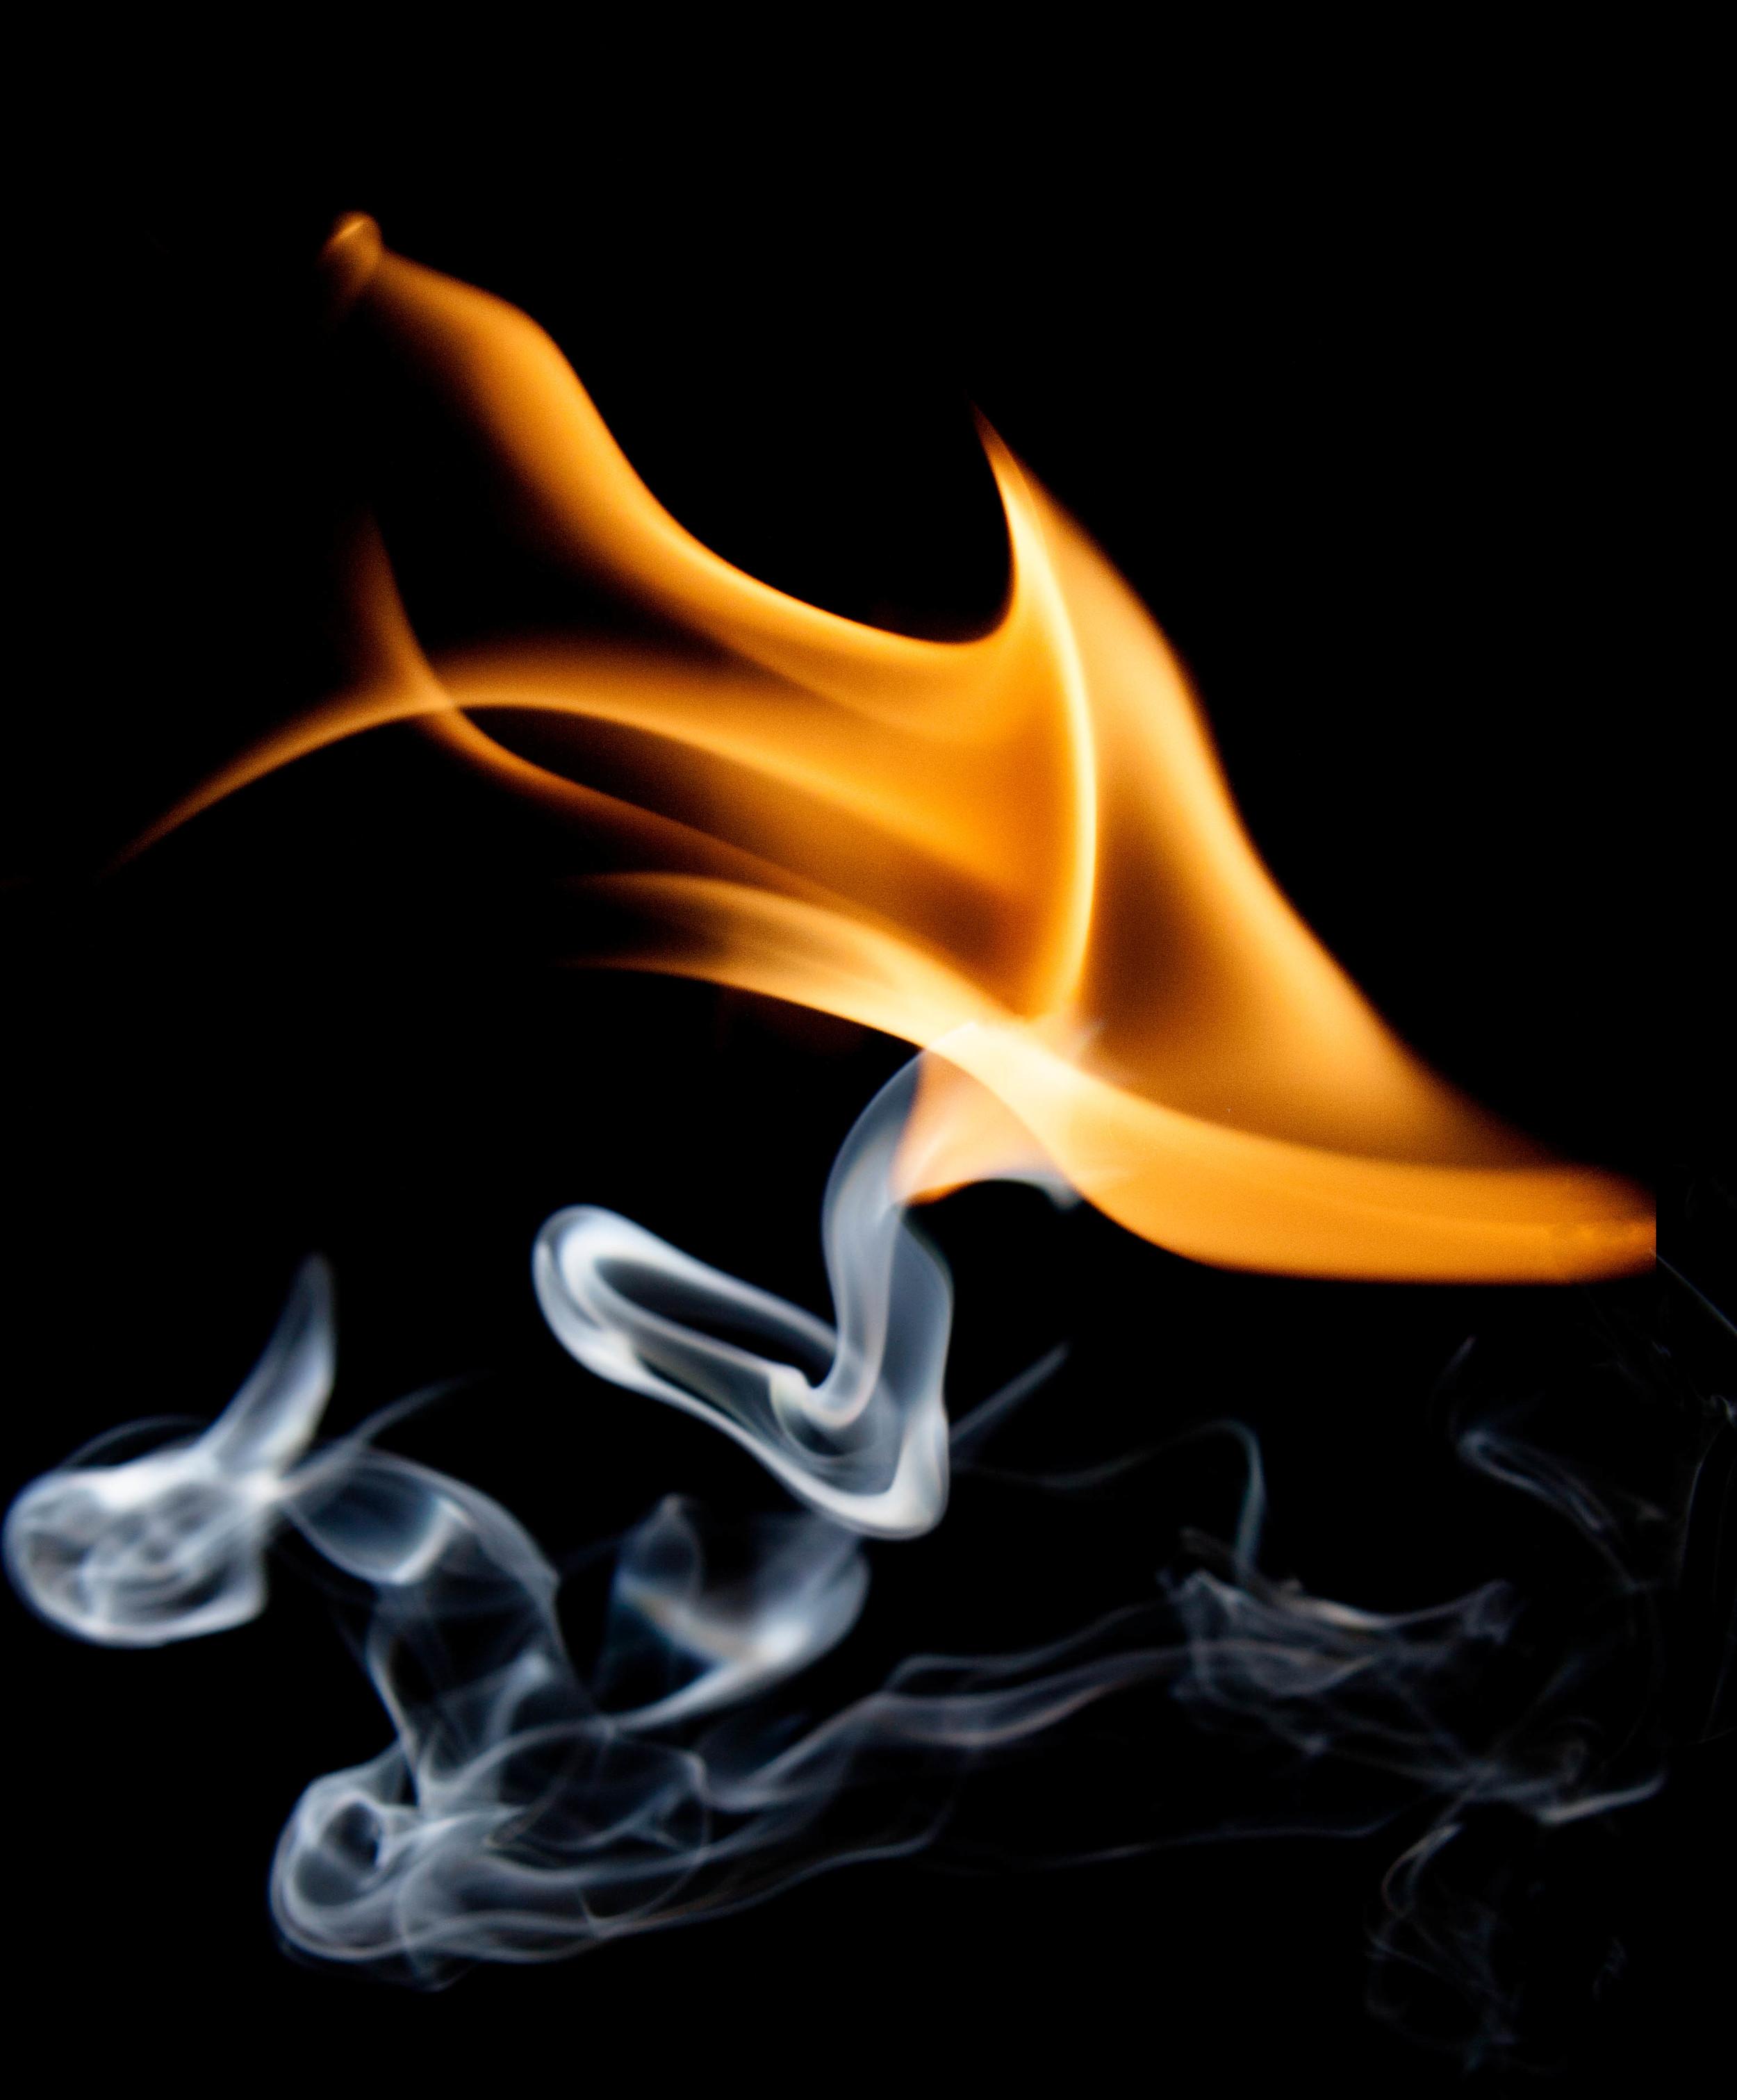 SmokingStep